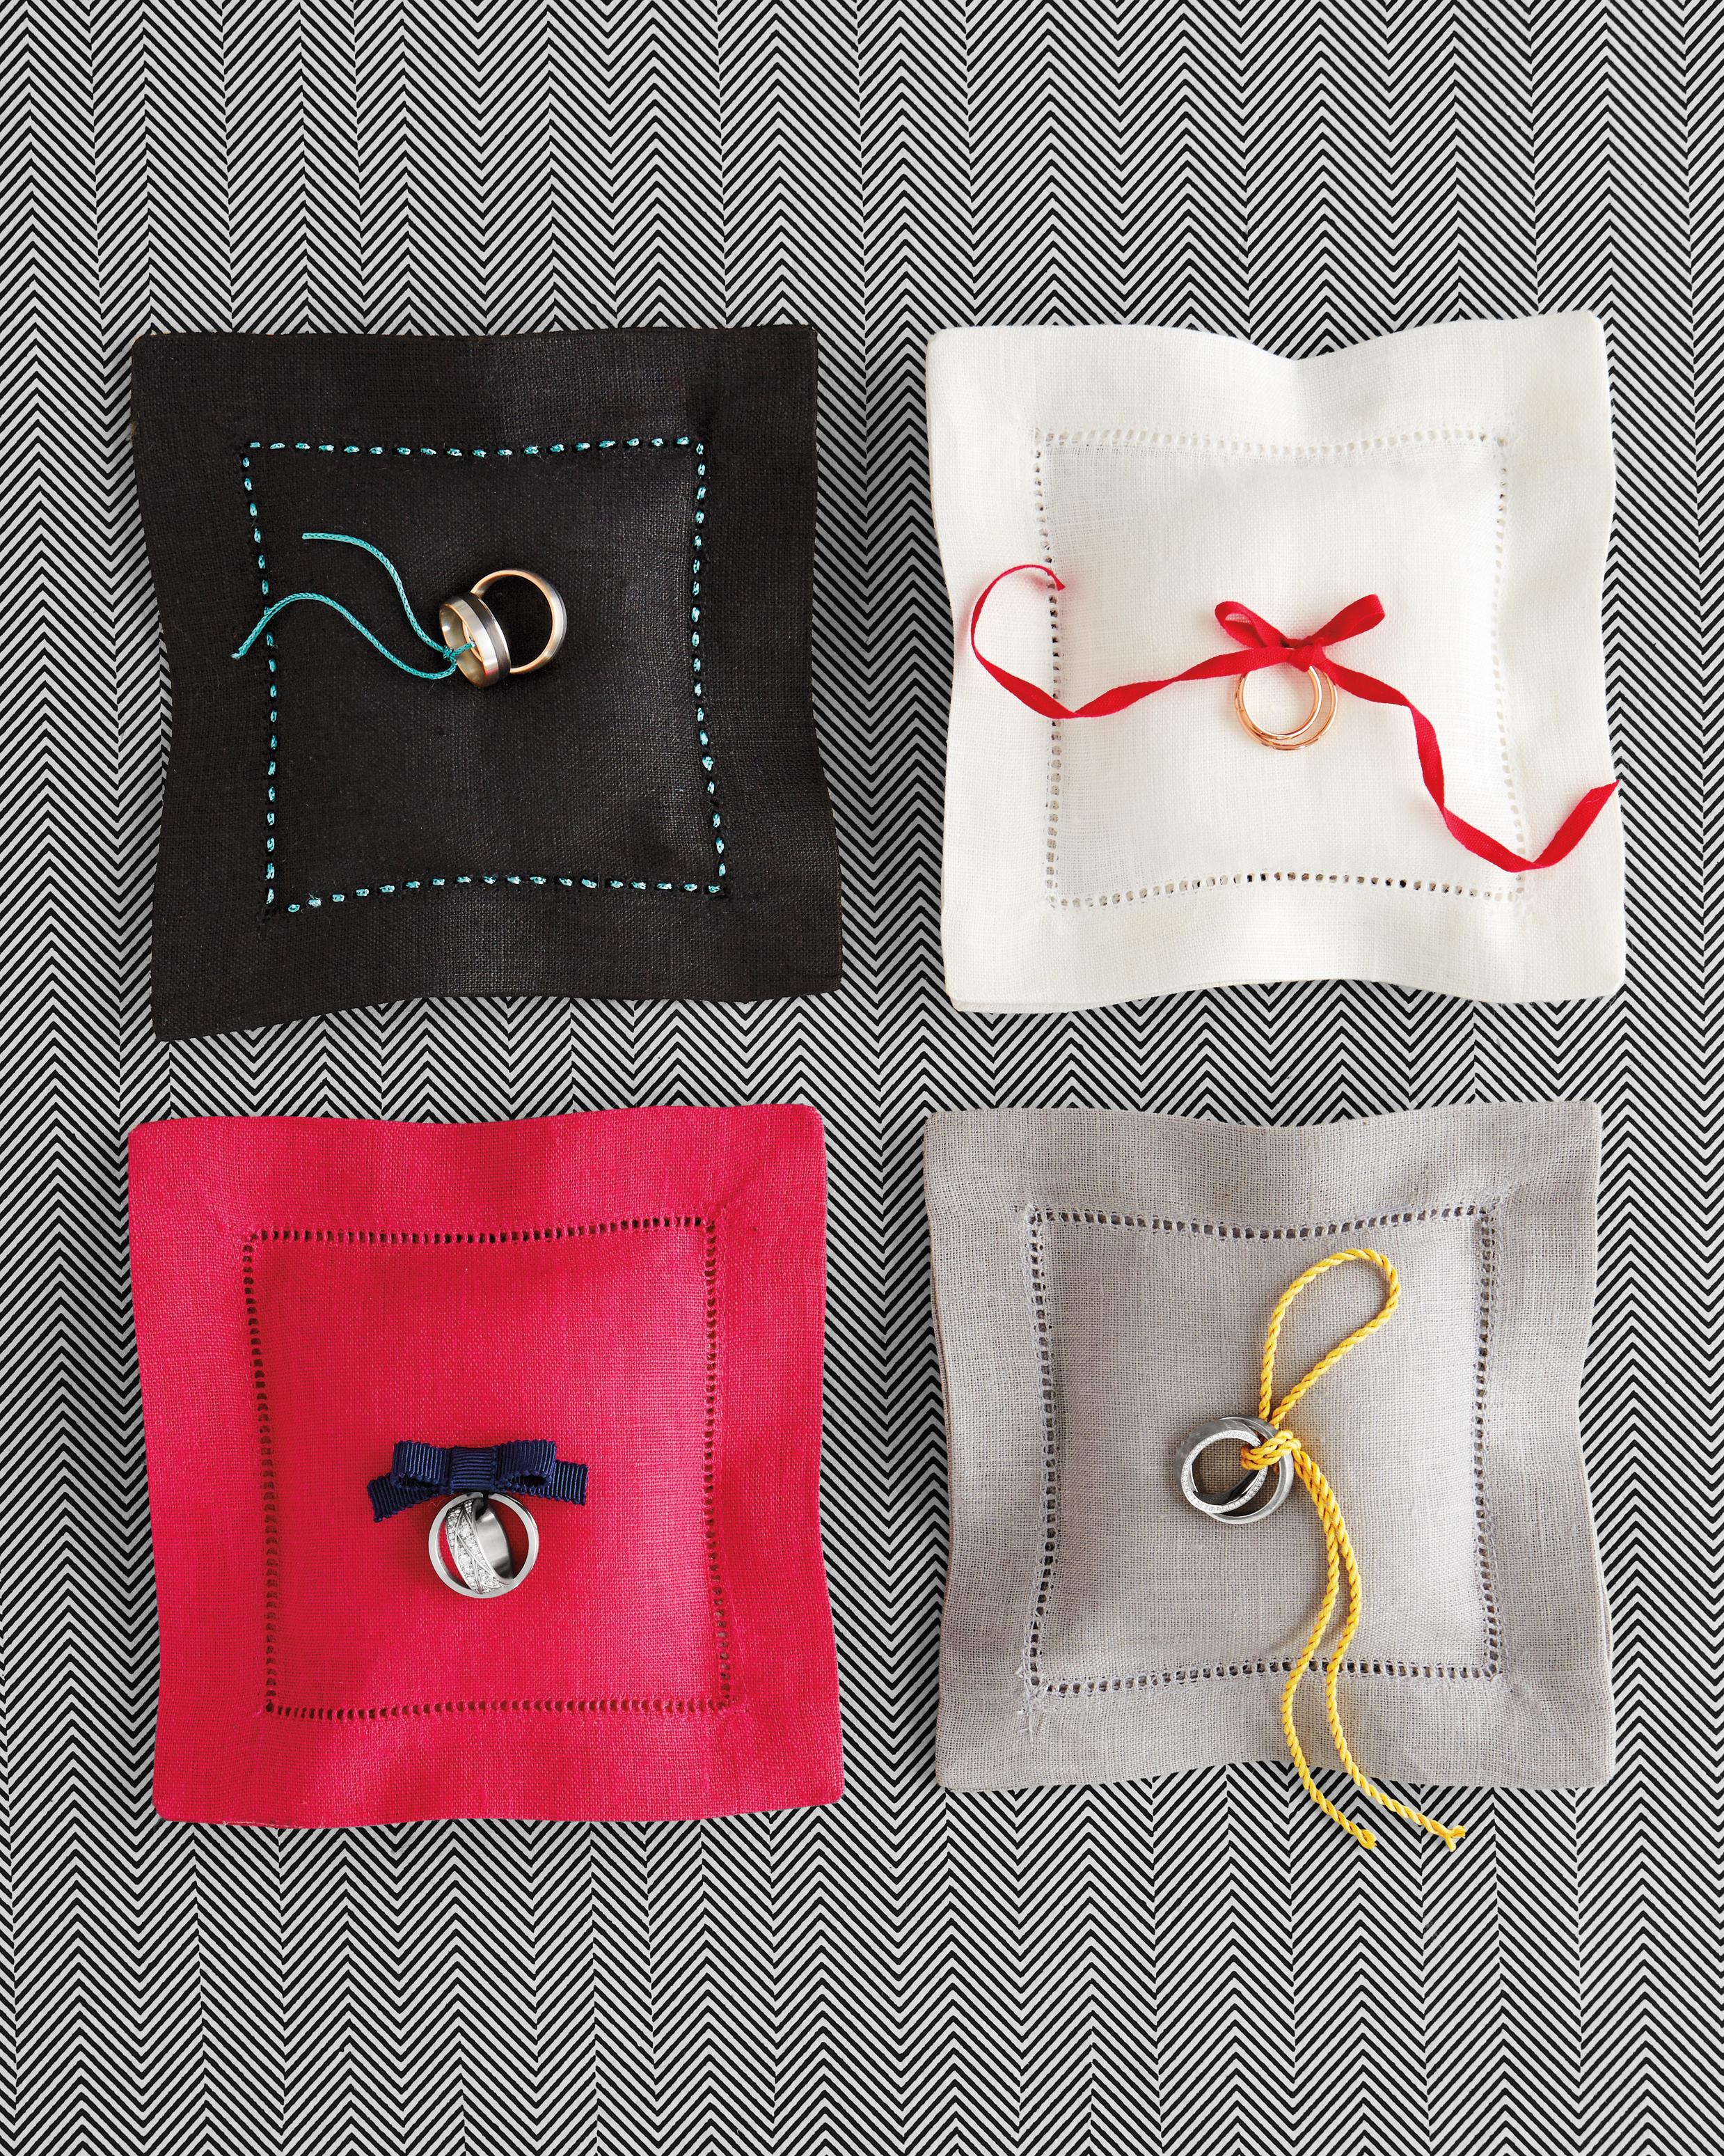 ring-pillows-229-d111649.jpg